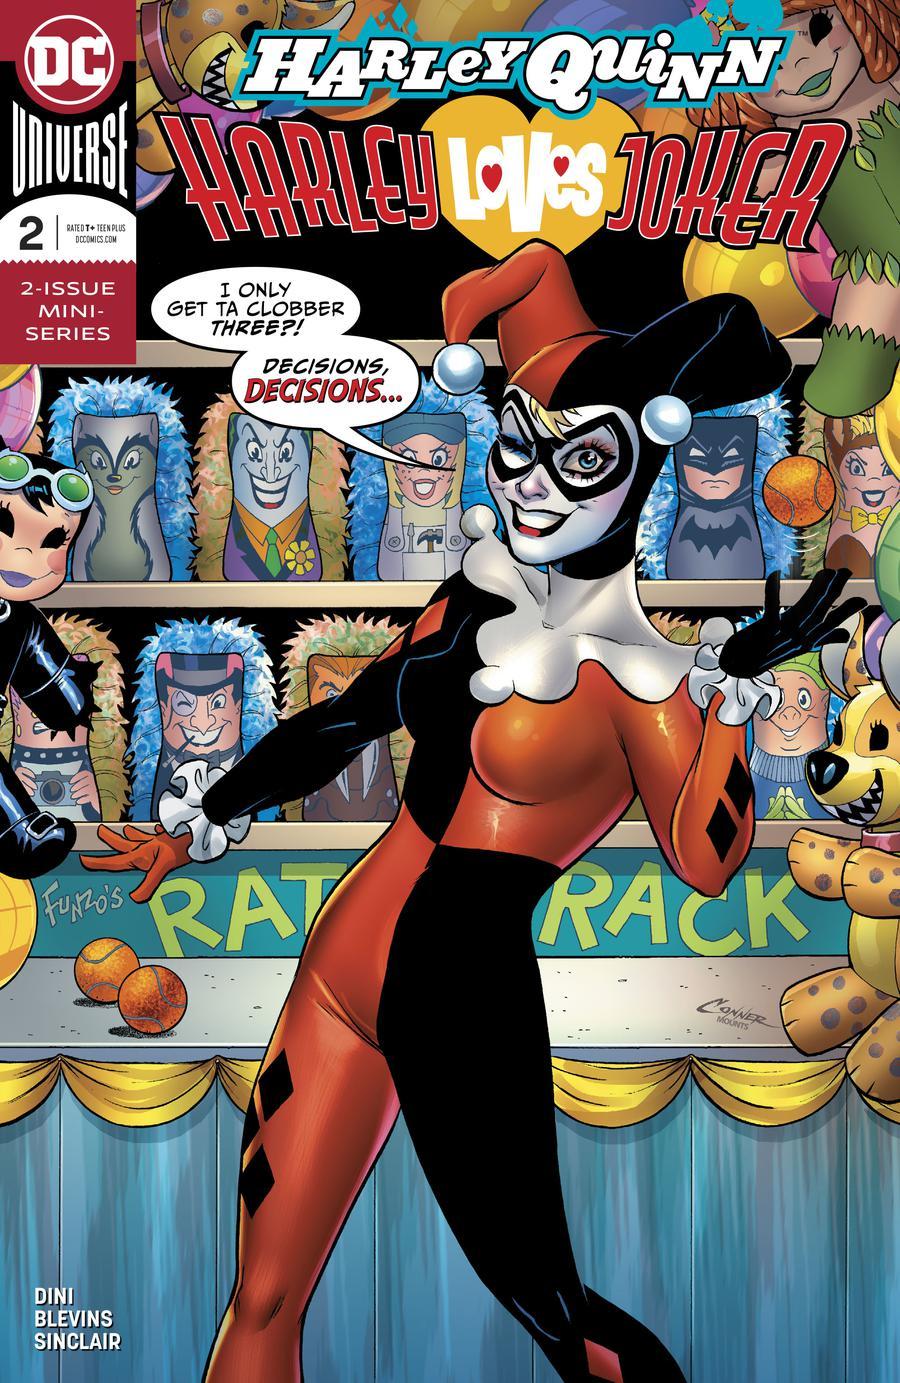 Harley Quinn Harley Loves Joker #2 Cover A Regular Amanda Conner Cover